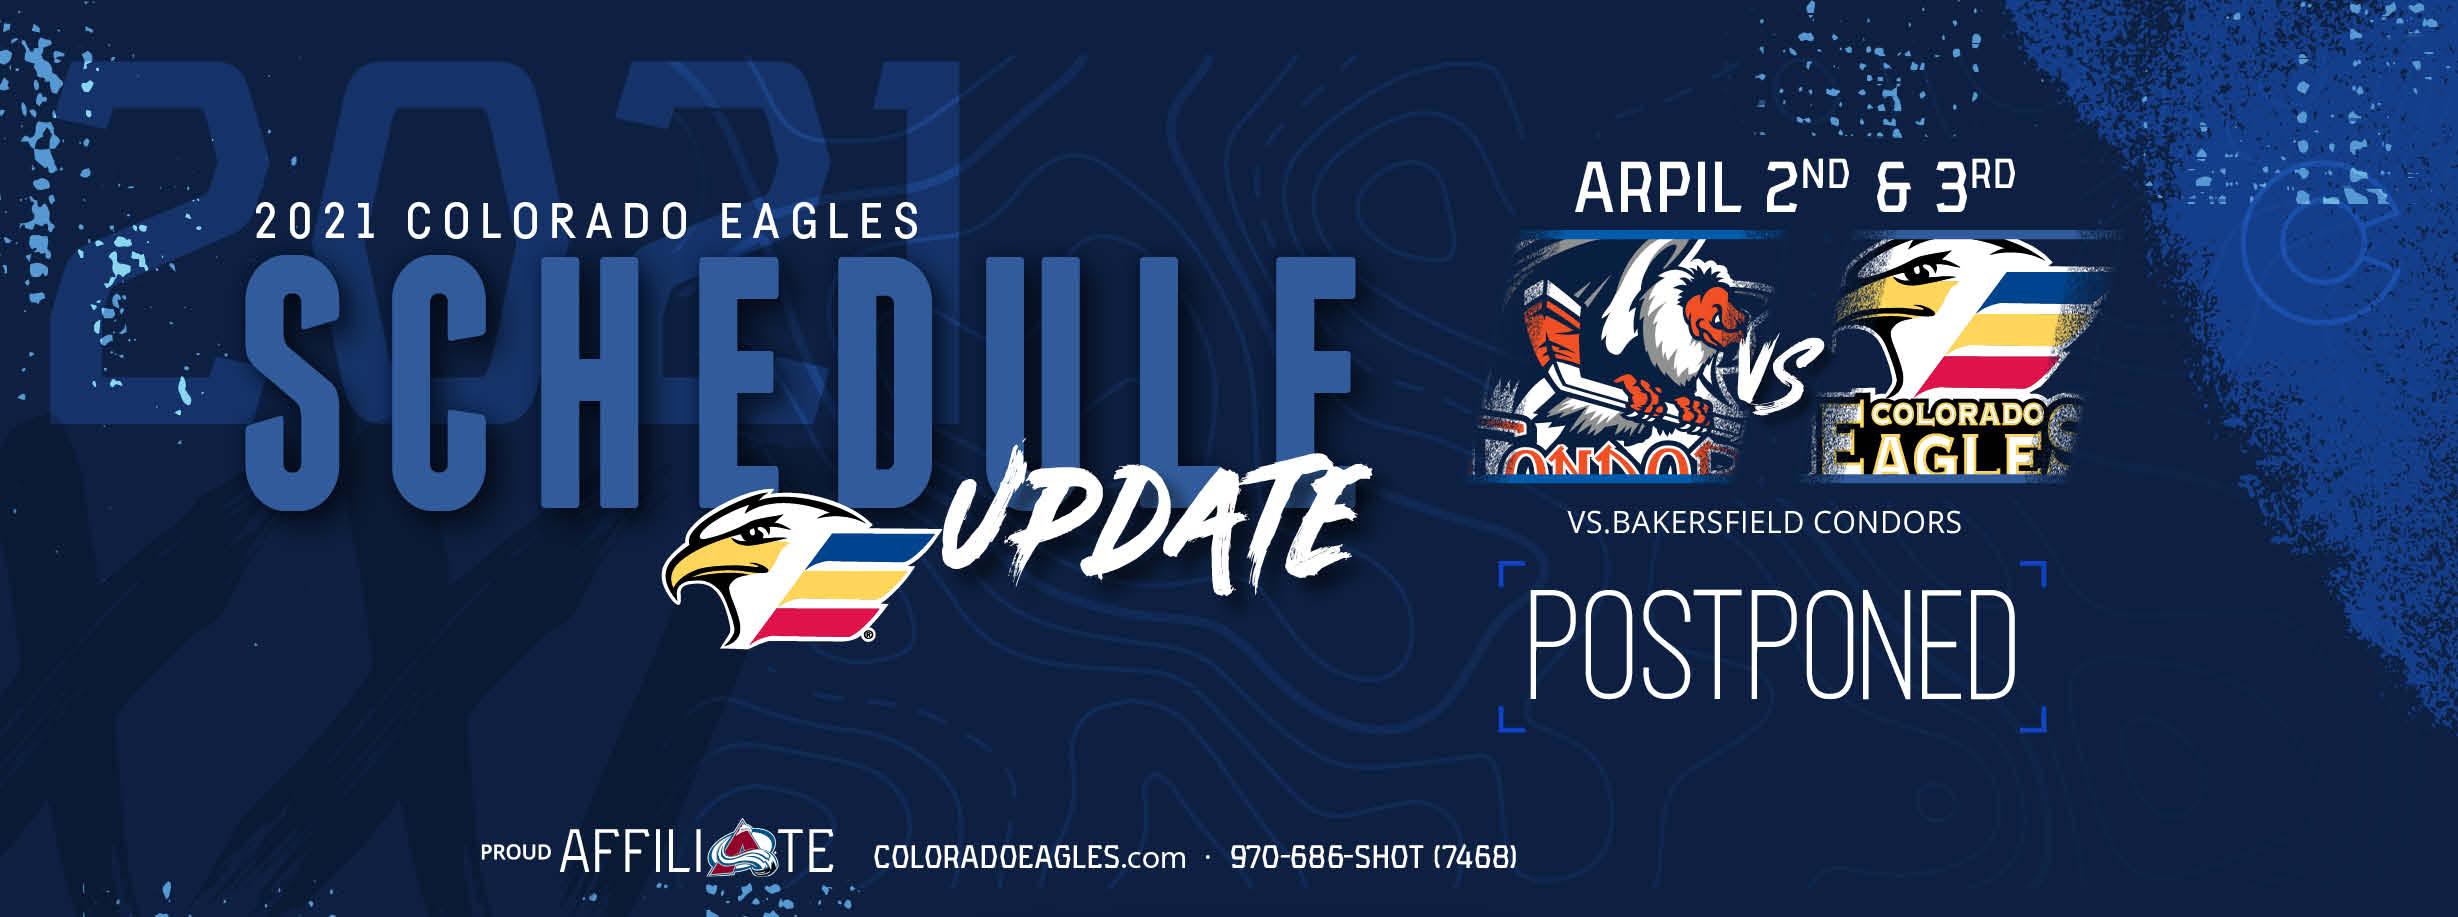 AHL Announces Schedule Changes